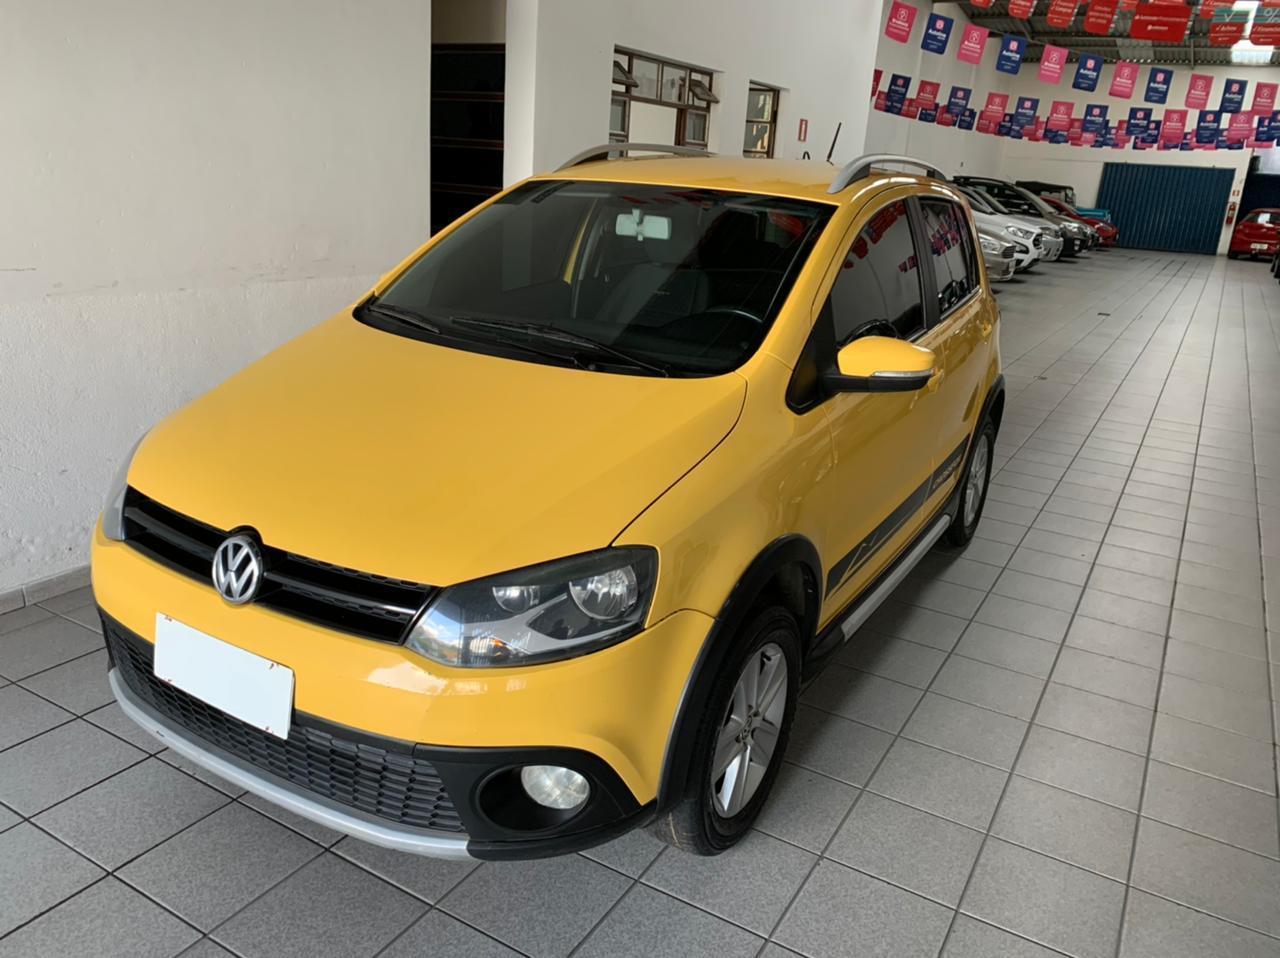 VW - VolksWagen Crossfox 1.6